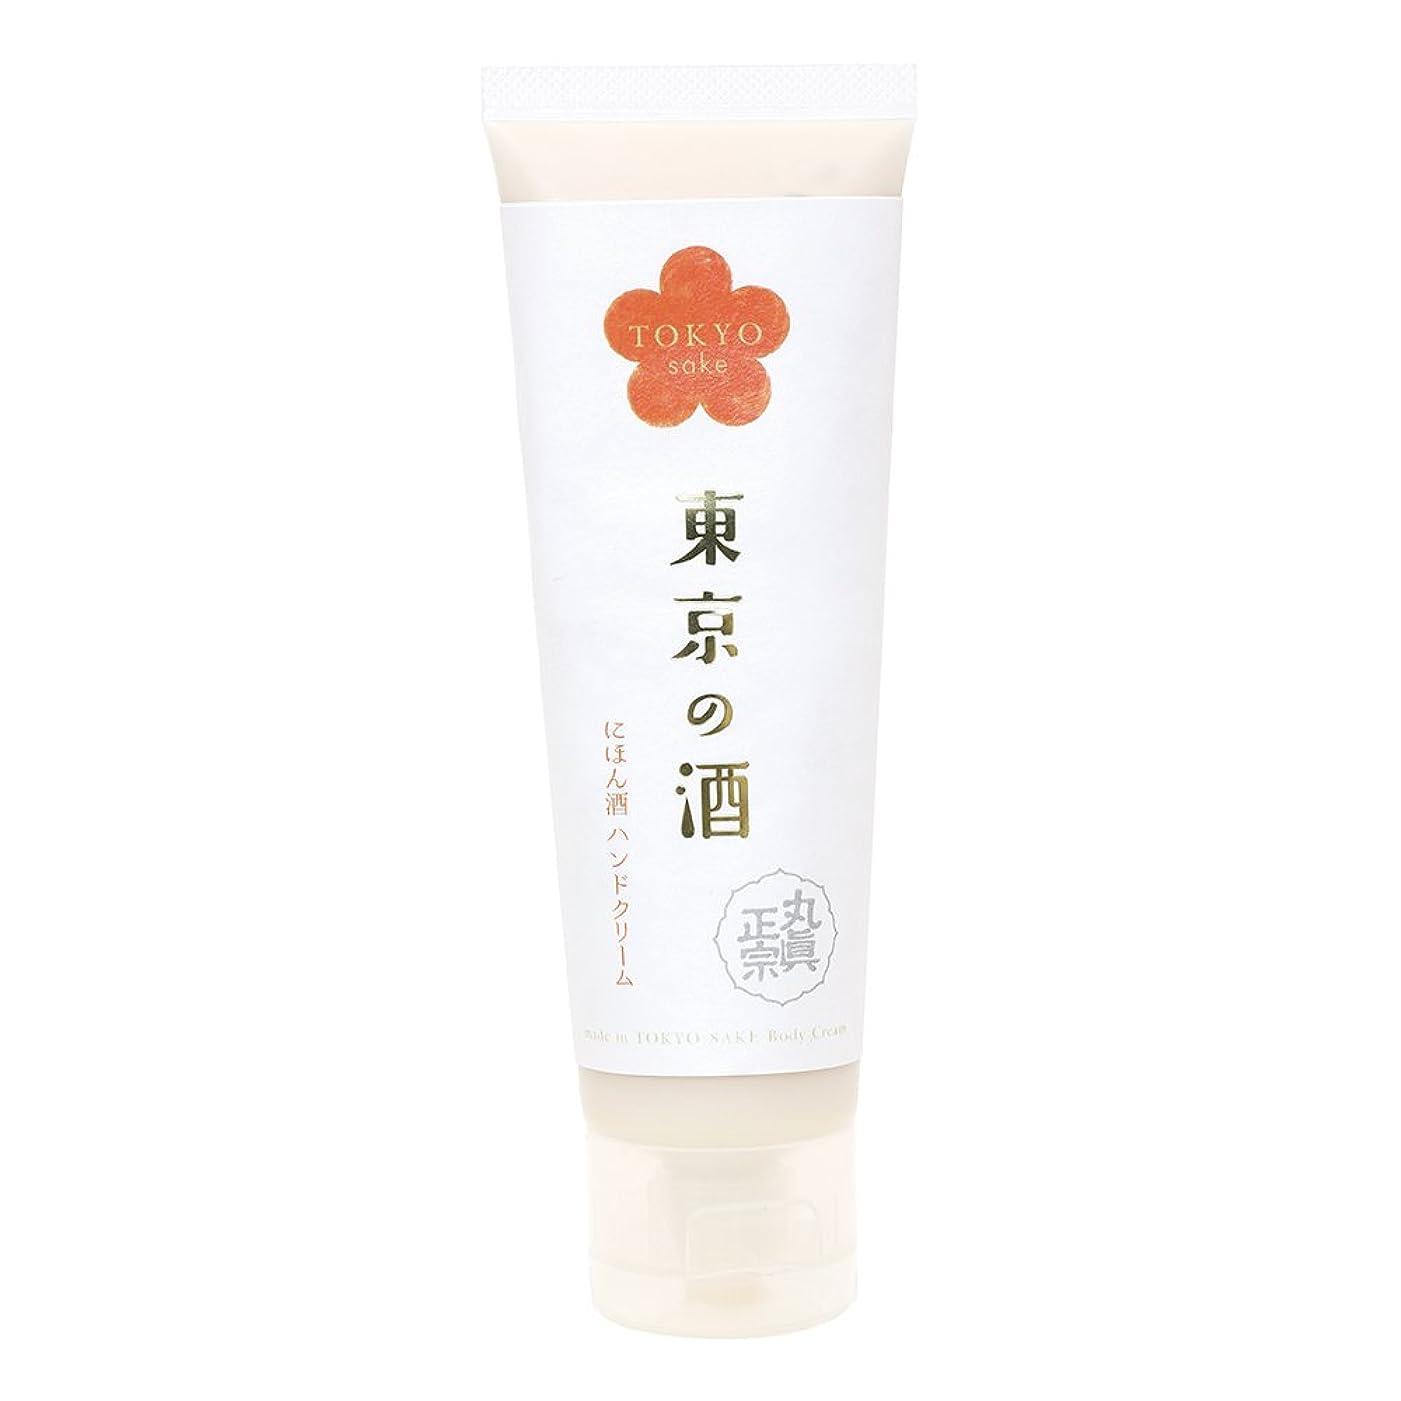 観客猟犬酸ノルコーポレーション 東京の酒 ハンドクリーム OB-TKY-2-1 65~70g